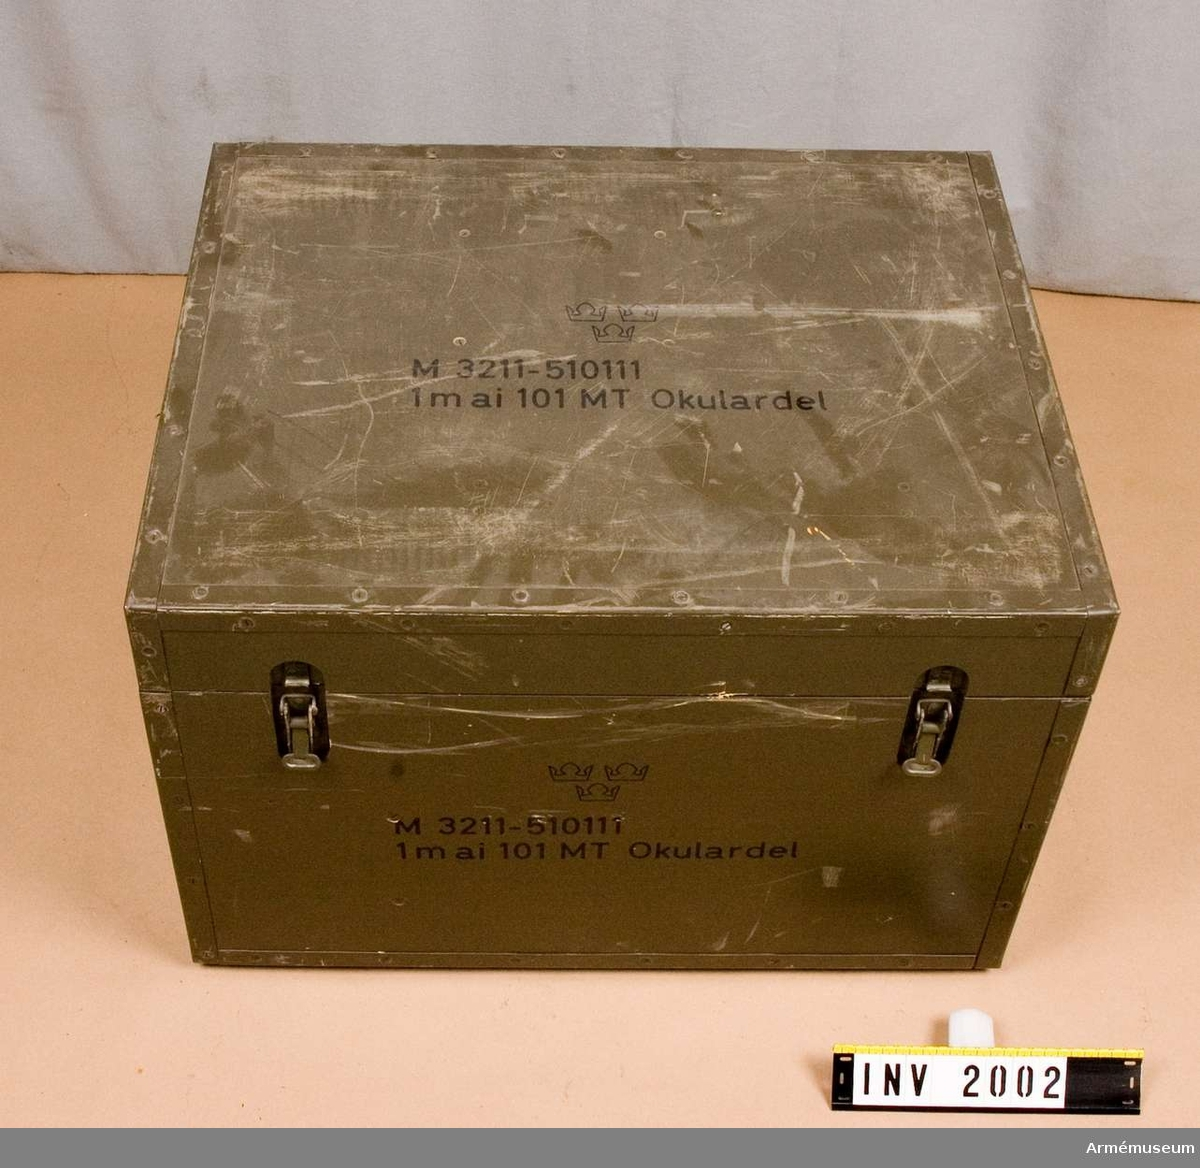 Samhörande nr är 2000-2002.Transportlåda t avståndsinstrument 10 MT, basrör.Består av: 1 transportlåda, 4 solskydd, 2 ögonmusslor, 1 nyckel f torkpatron, 4 glödlampor, 1 kabel, 1 putsduk, 1 pensel, 2 torkpatroner, 1 bruksanvisning, 10 påsar m torkmedel.